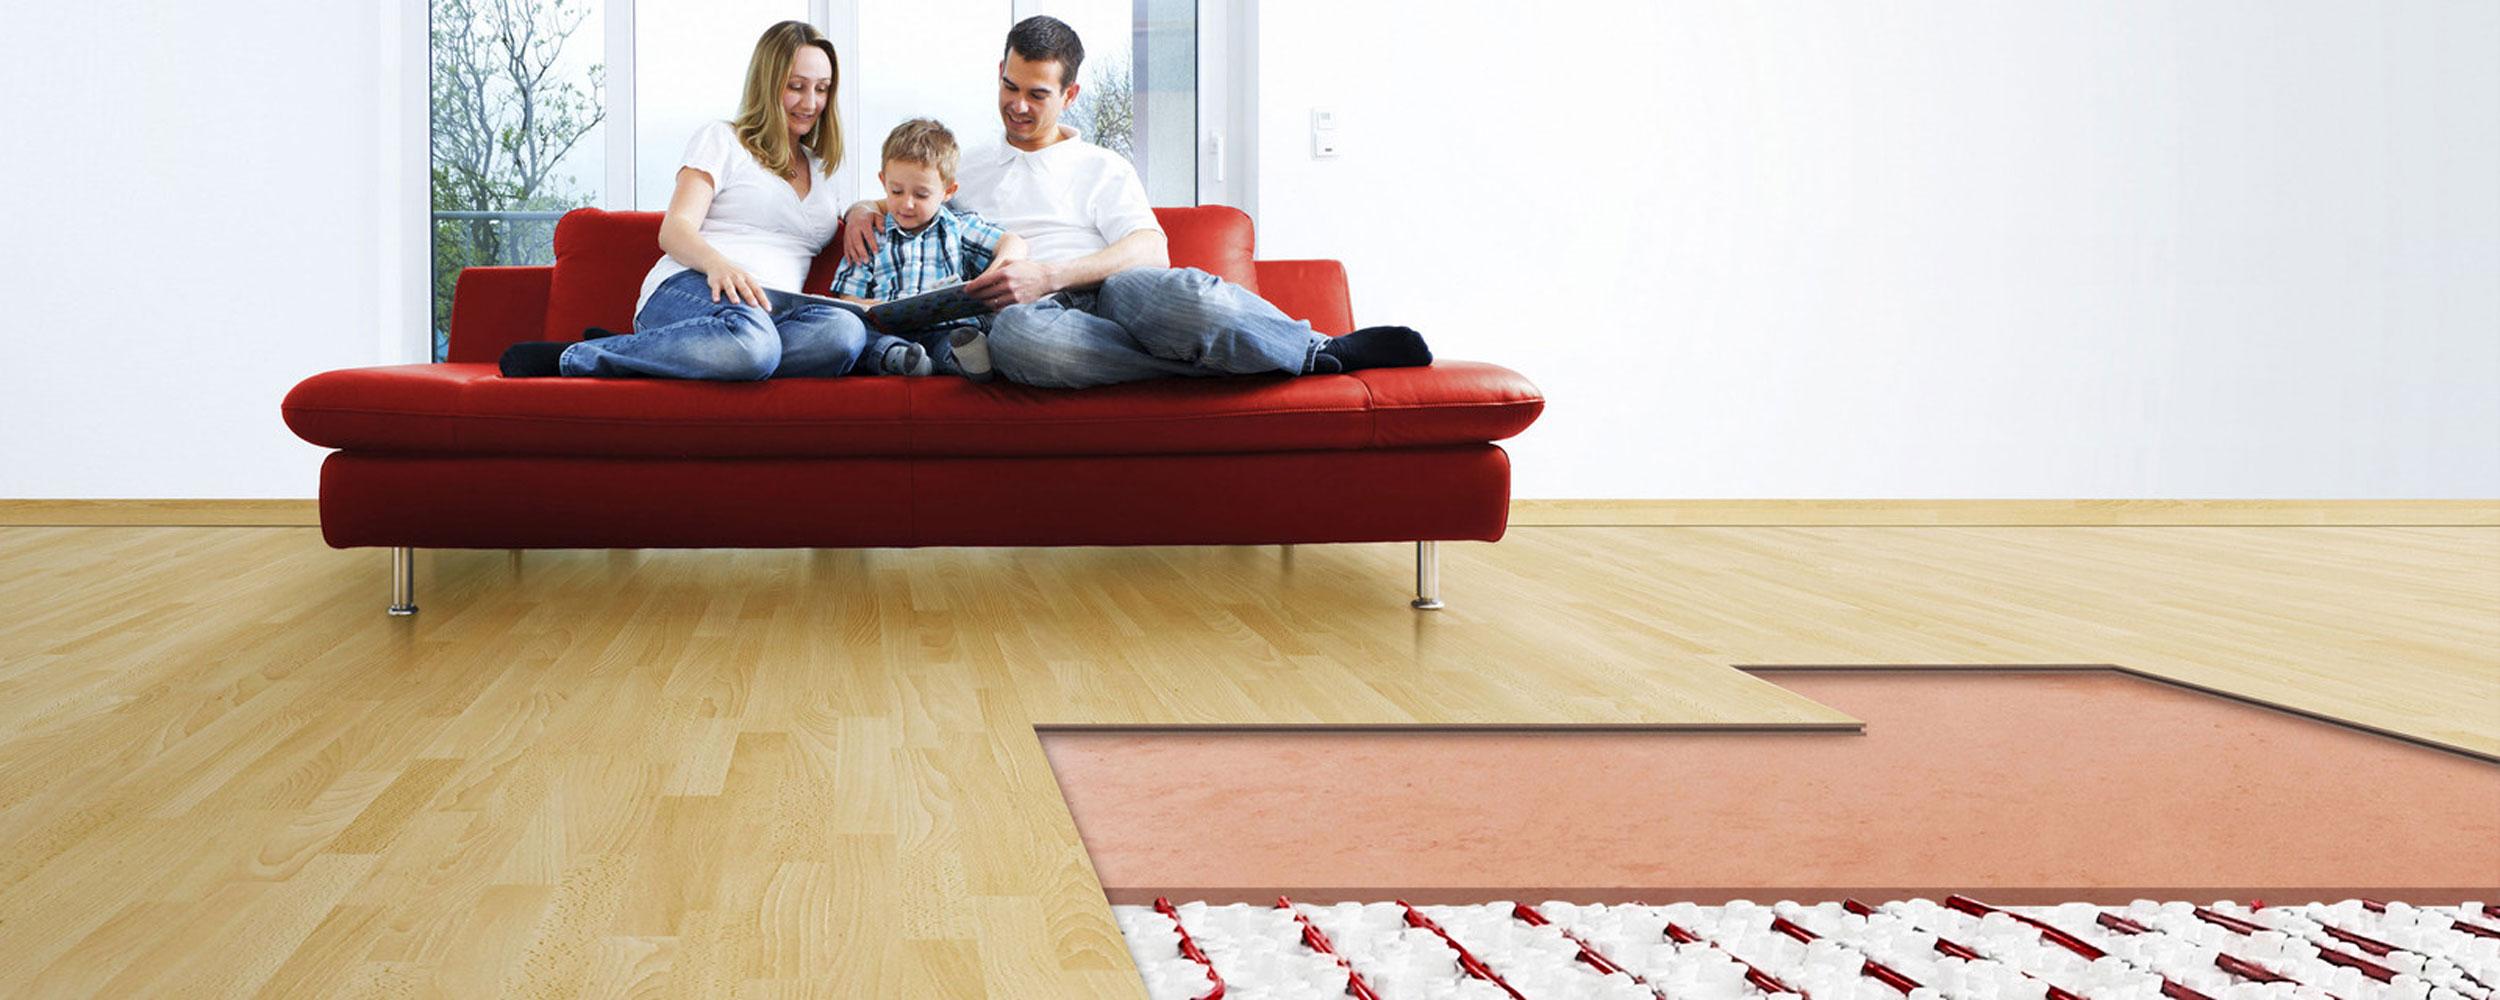 gl la chape fluide expert dans la pose de chape liquide dans la marne. Black Bedroom Furniture Sets. Home Design Ideas